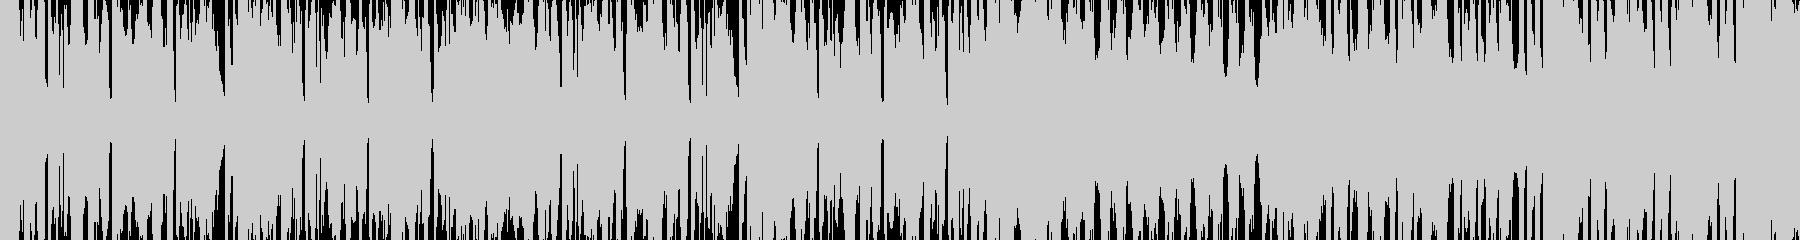 ノリ良くクールなEDM系のループ曲の未再生の波形